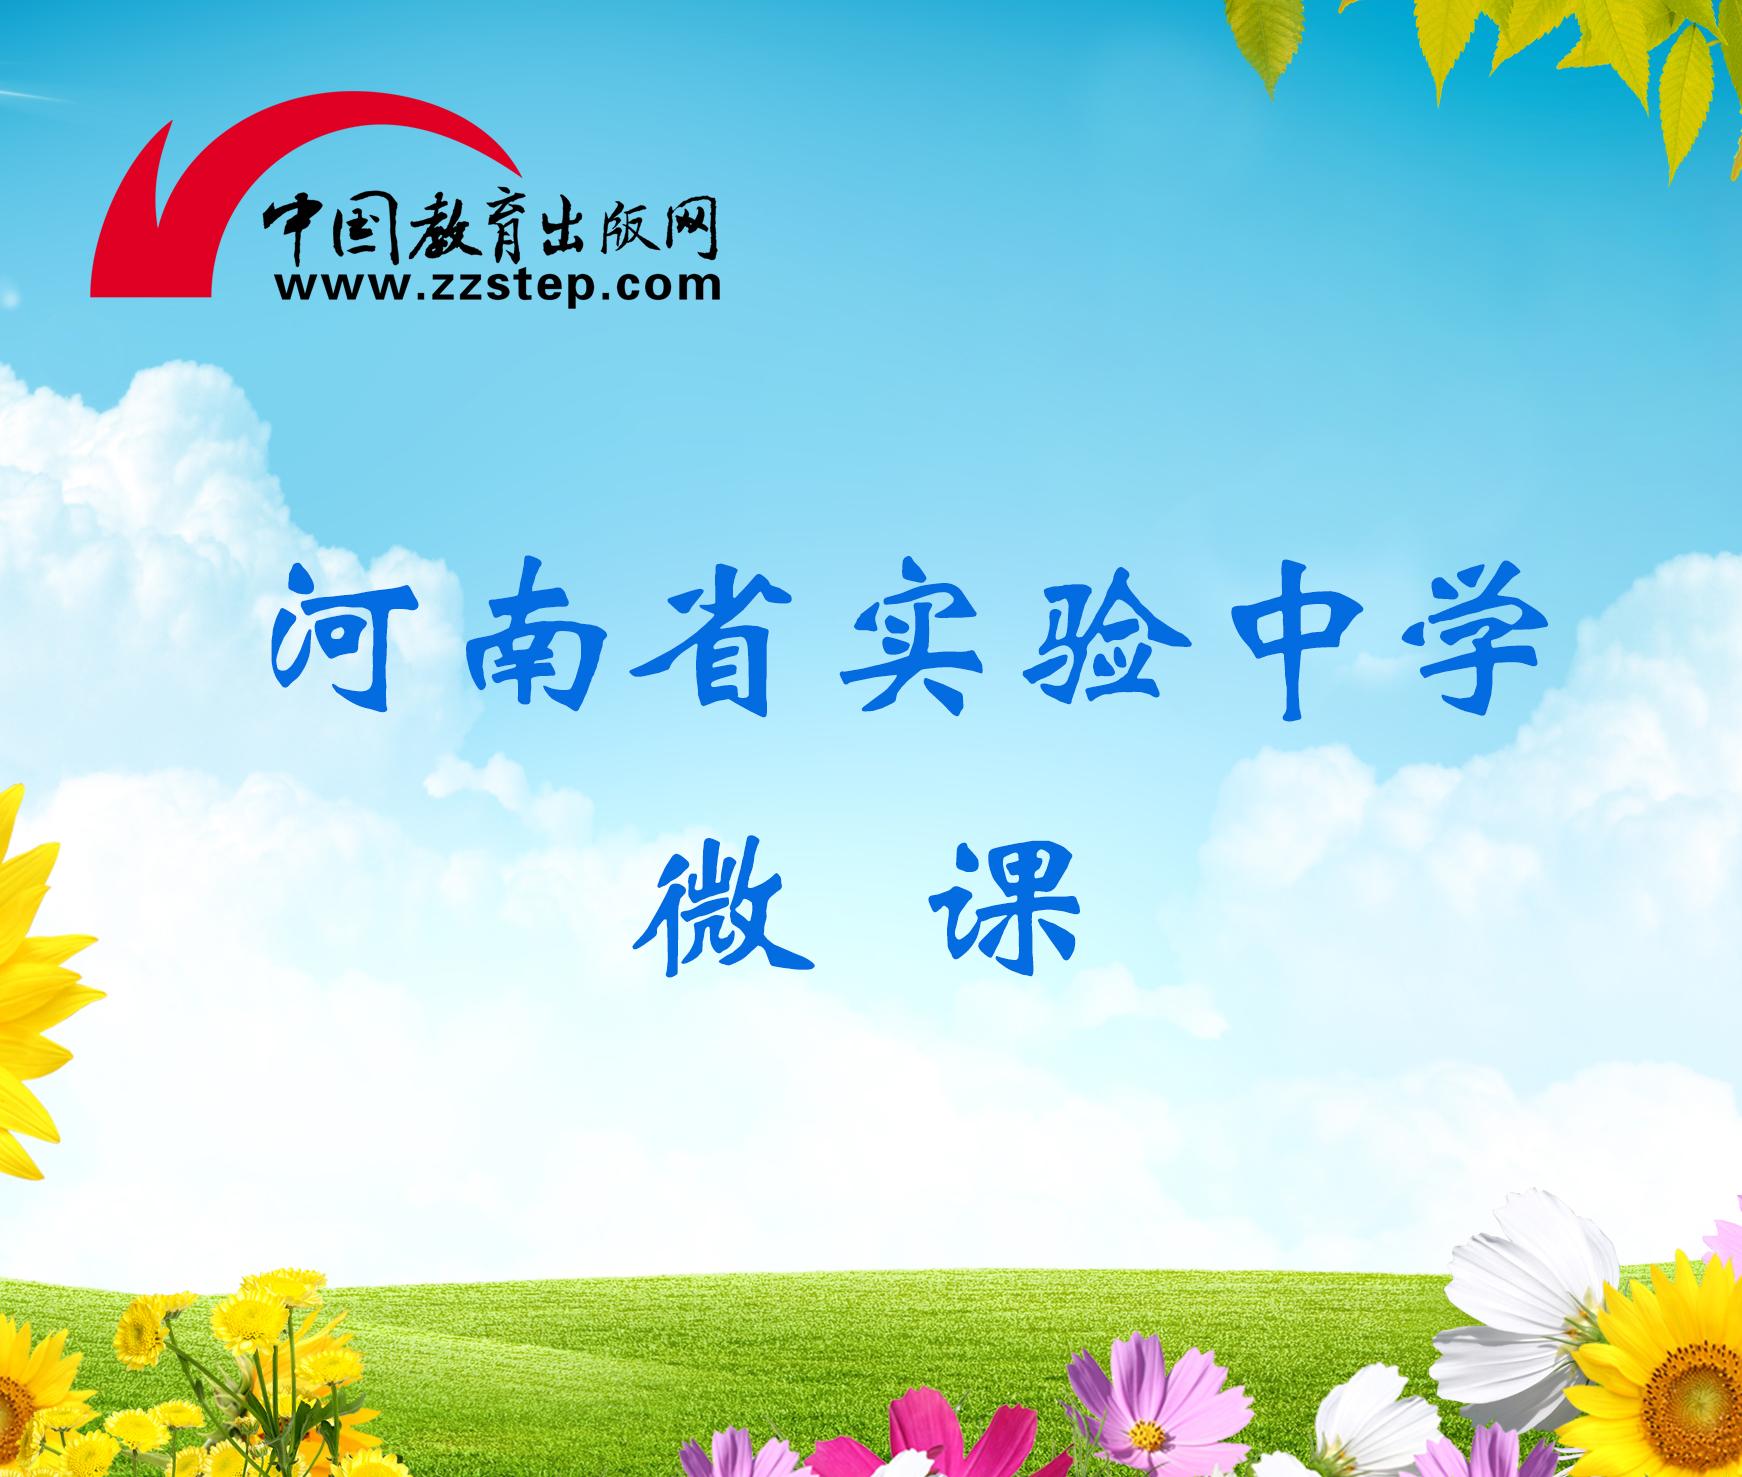 人教版语文高三 解读诗歌的技巧(3) 张五群,刘子晗